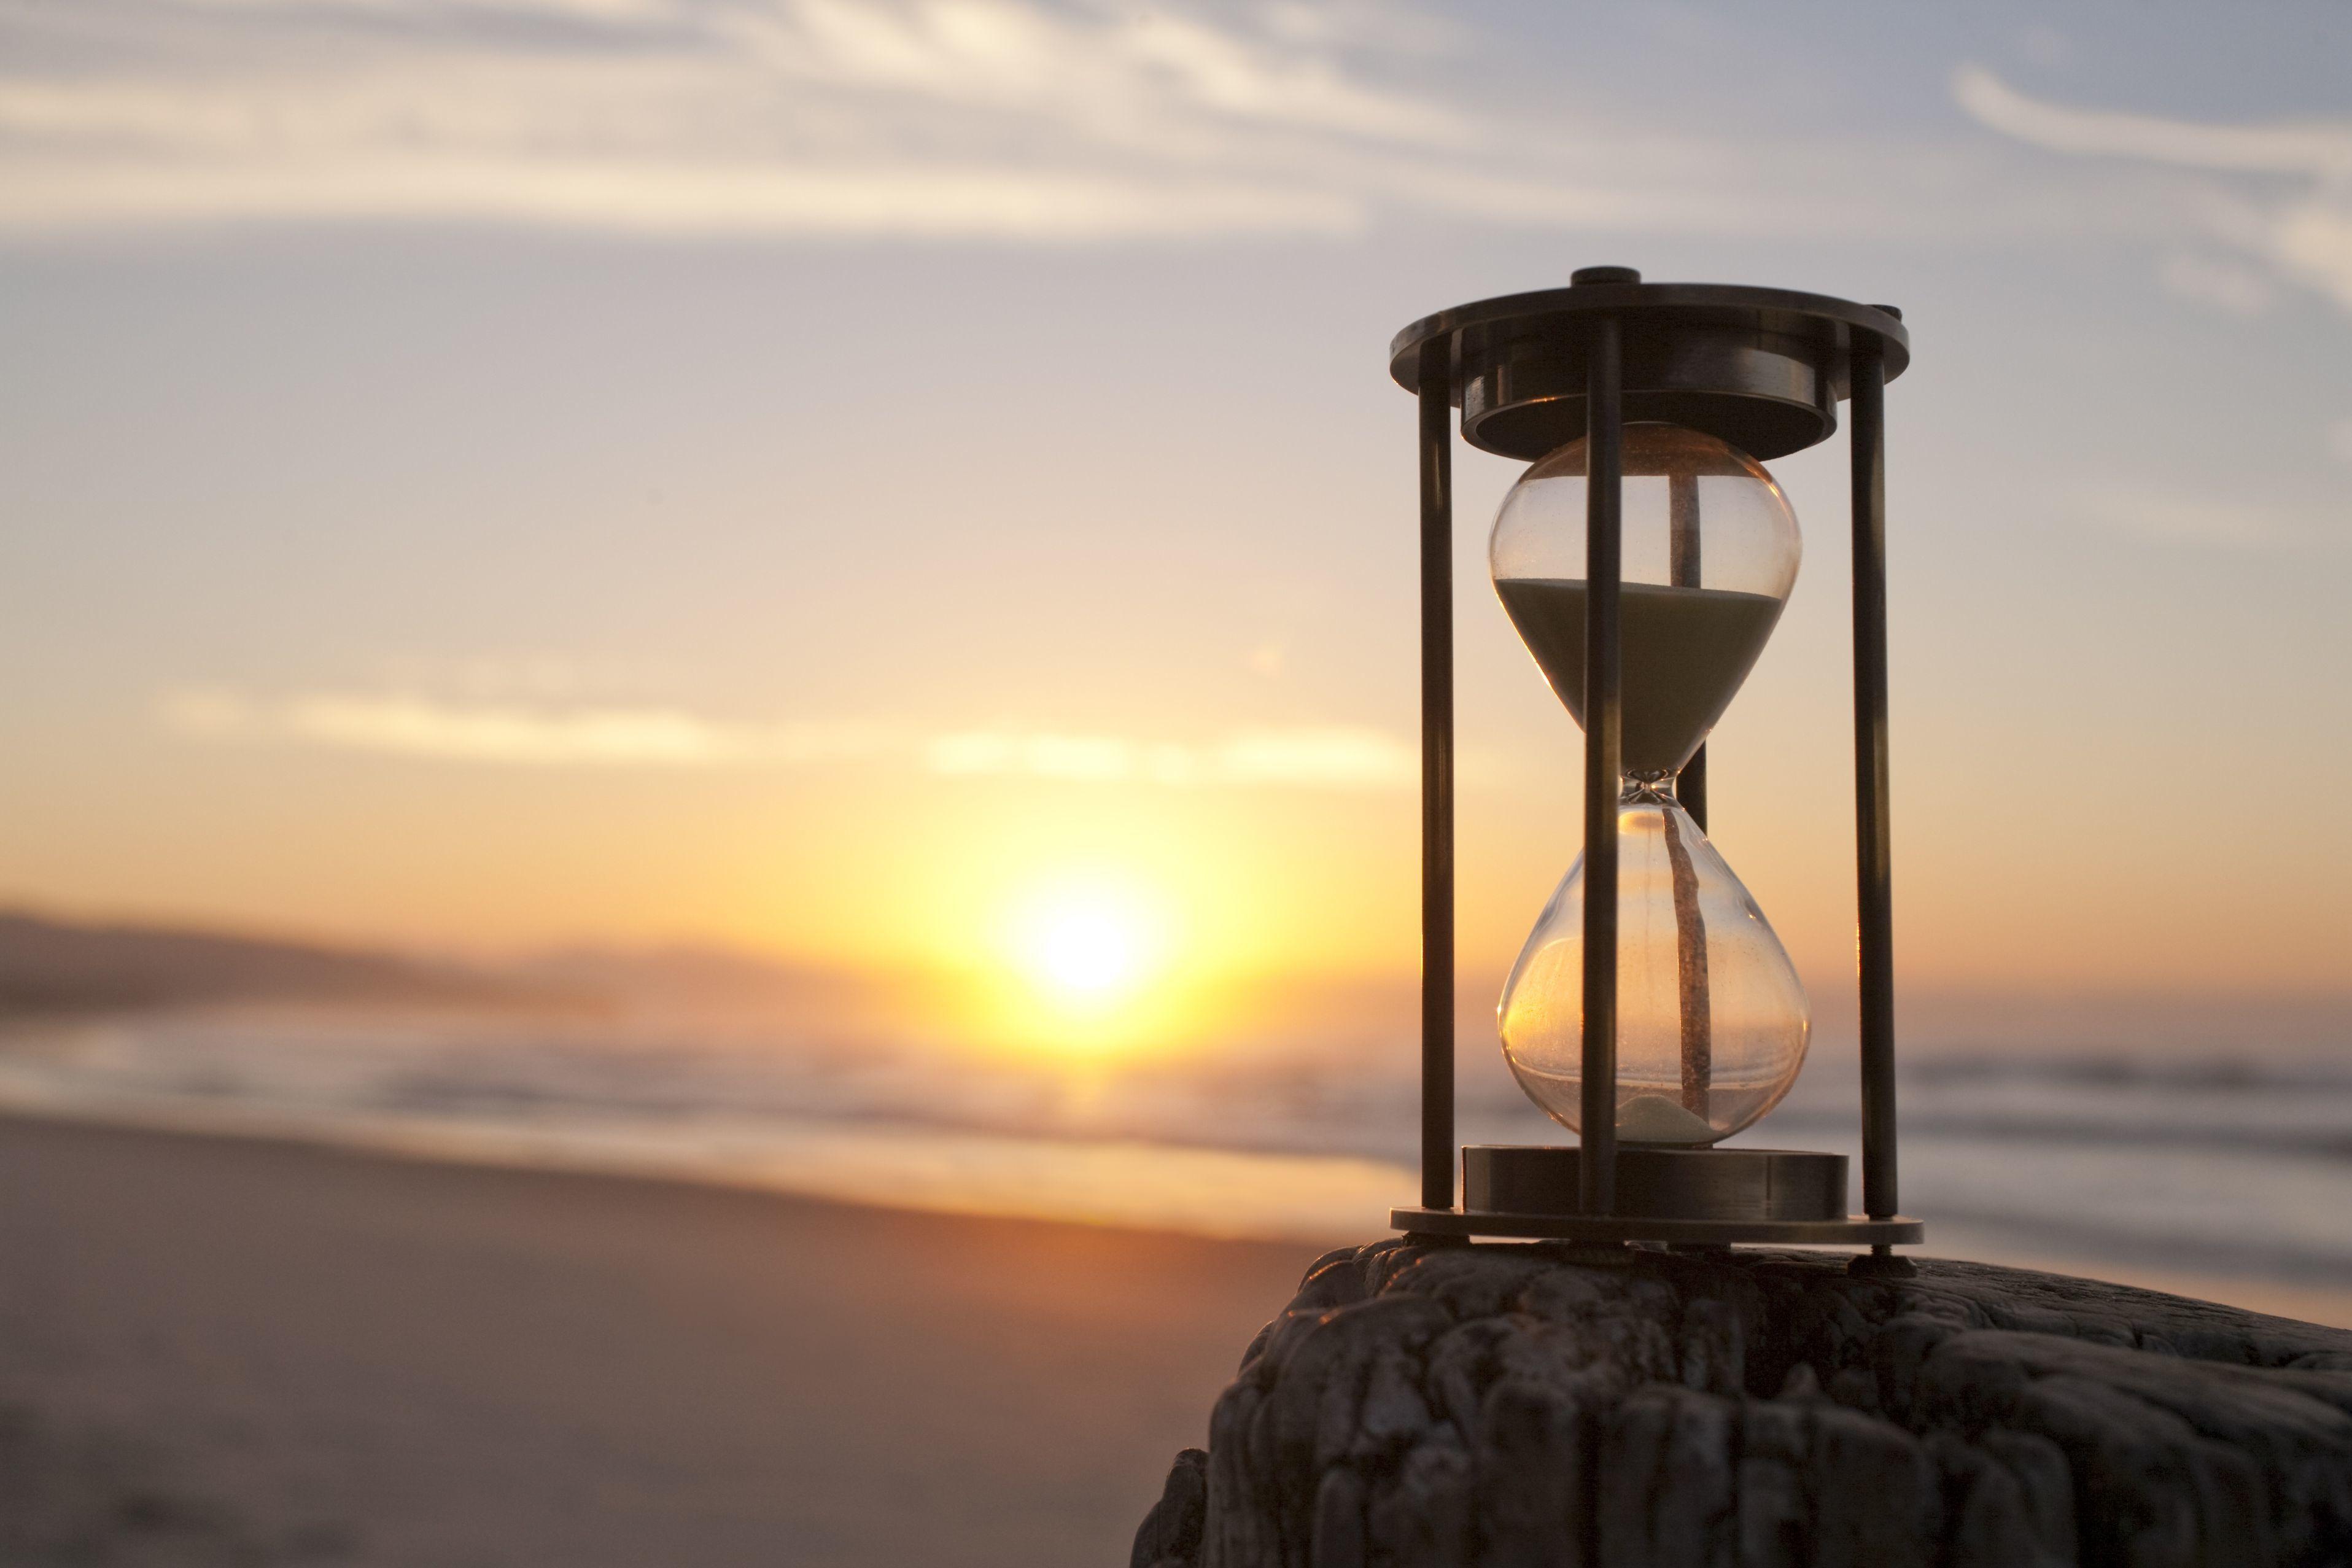 картинки на рабочий песочные часы вафель